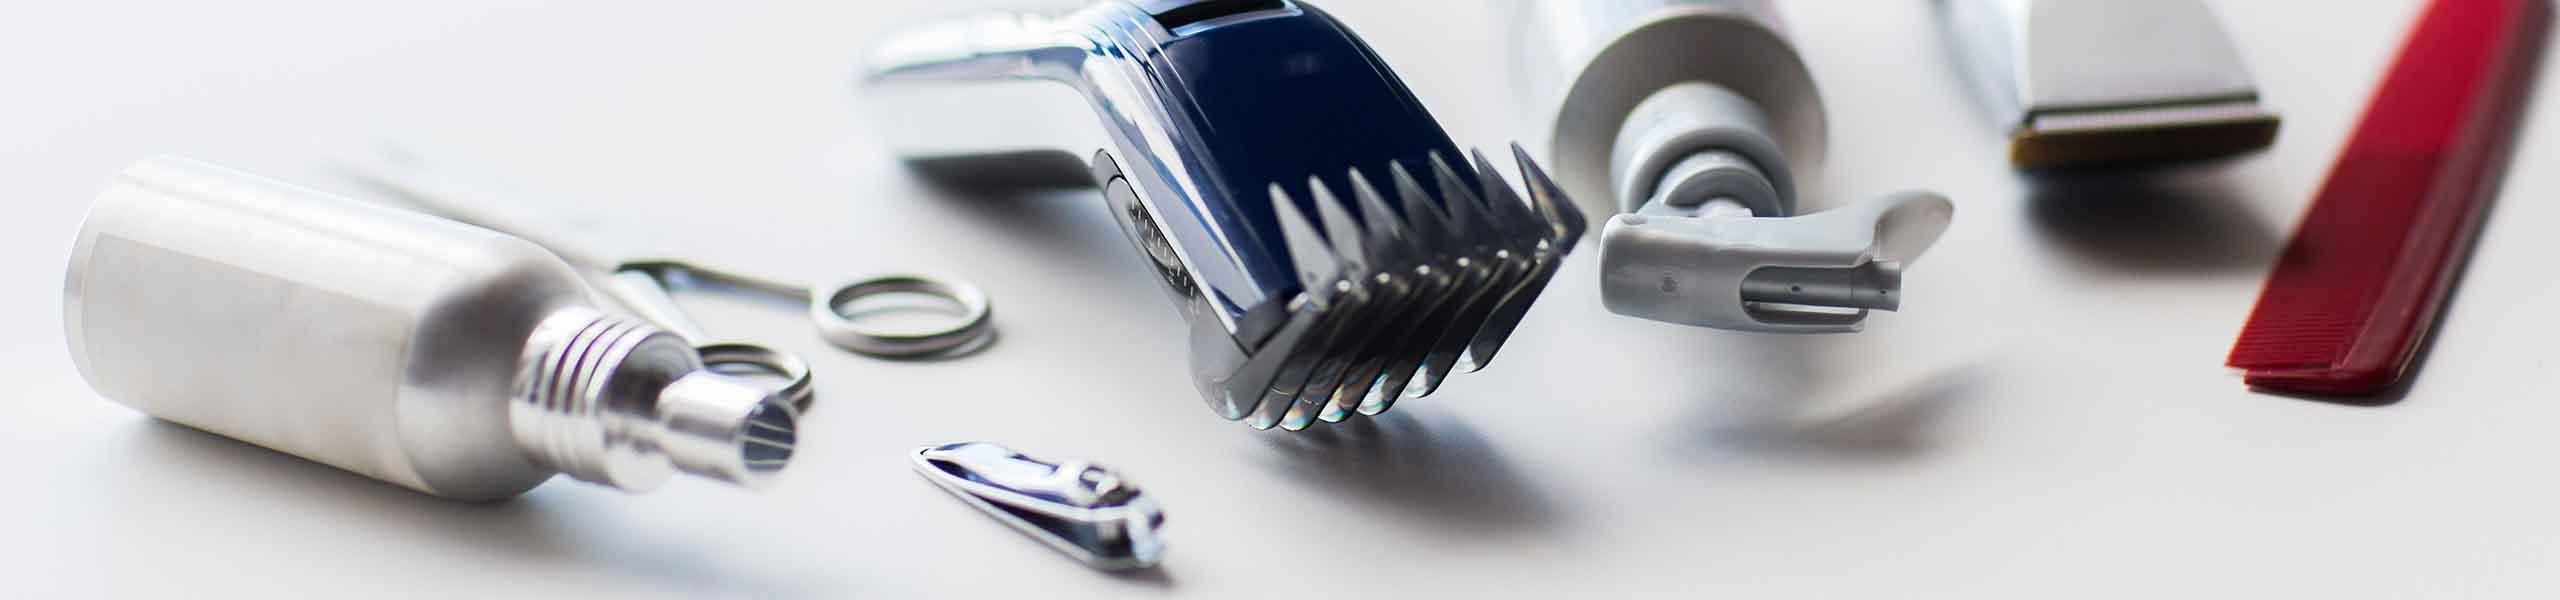 Material para el cuidado del cabello